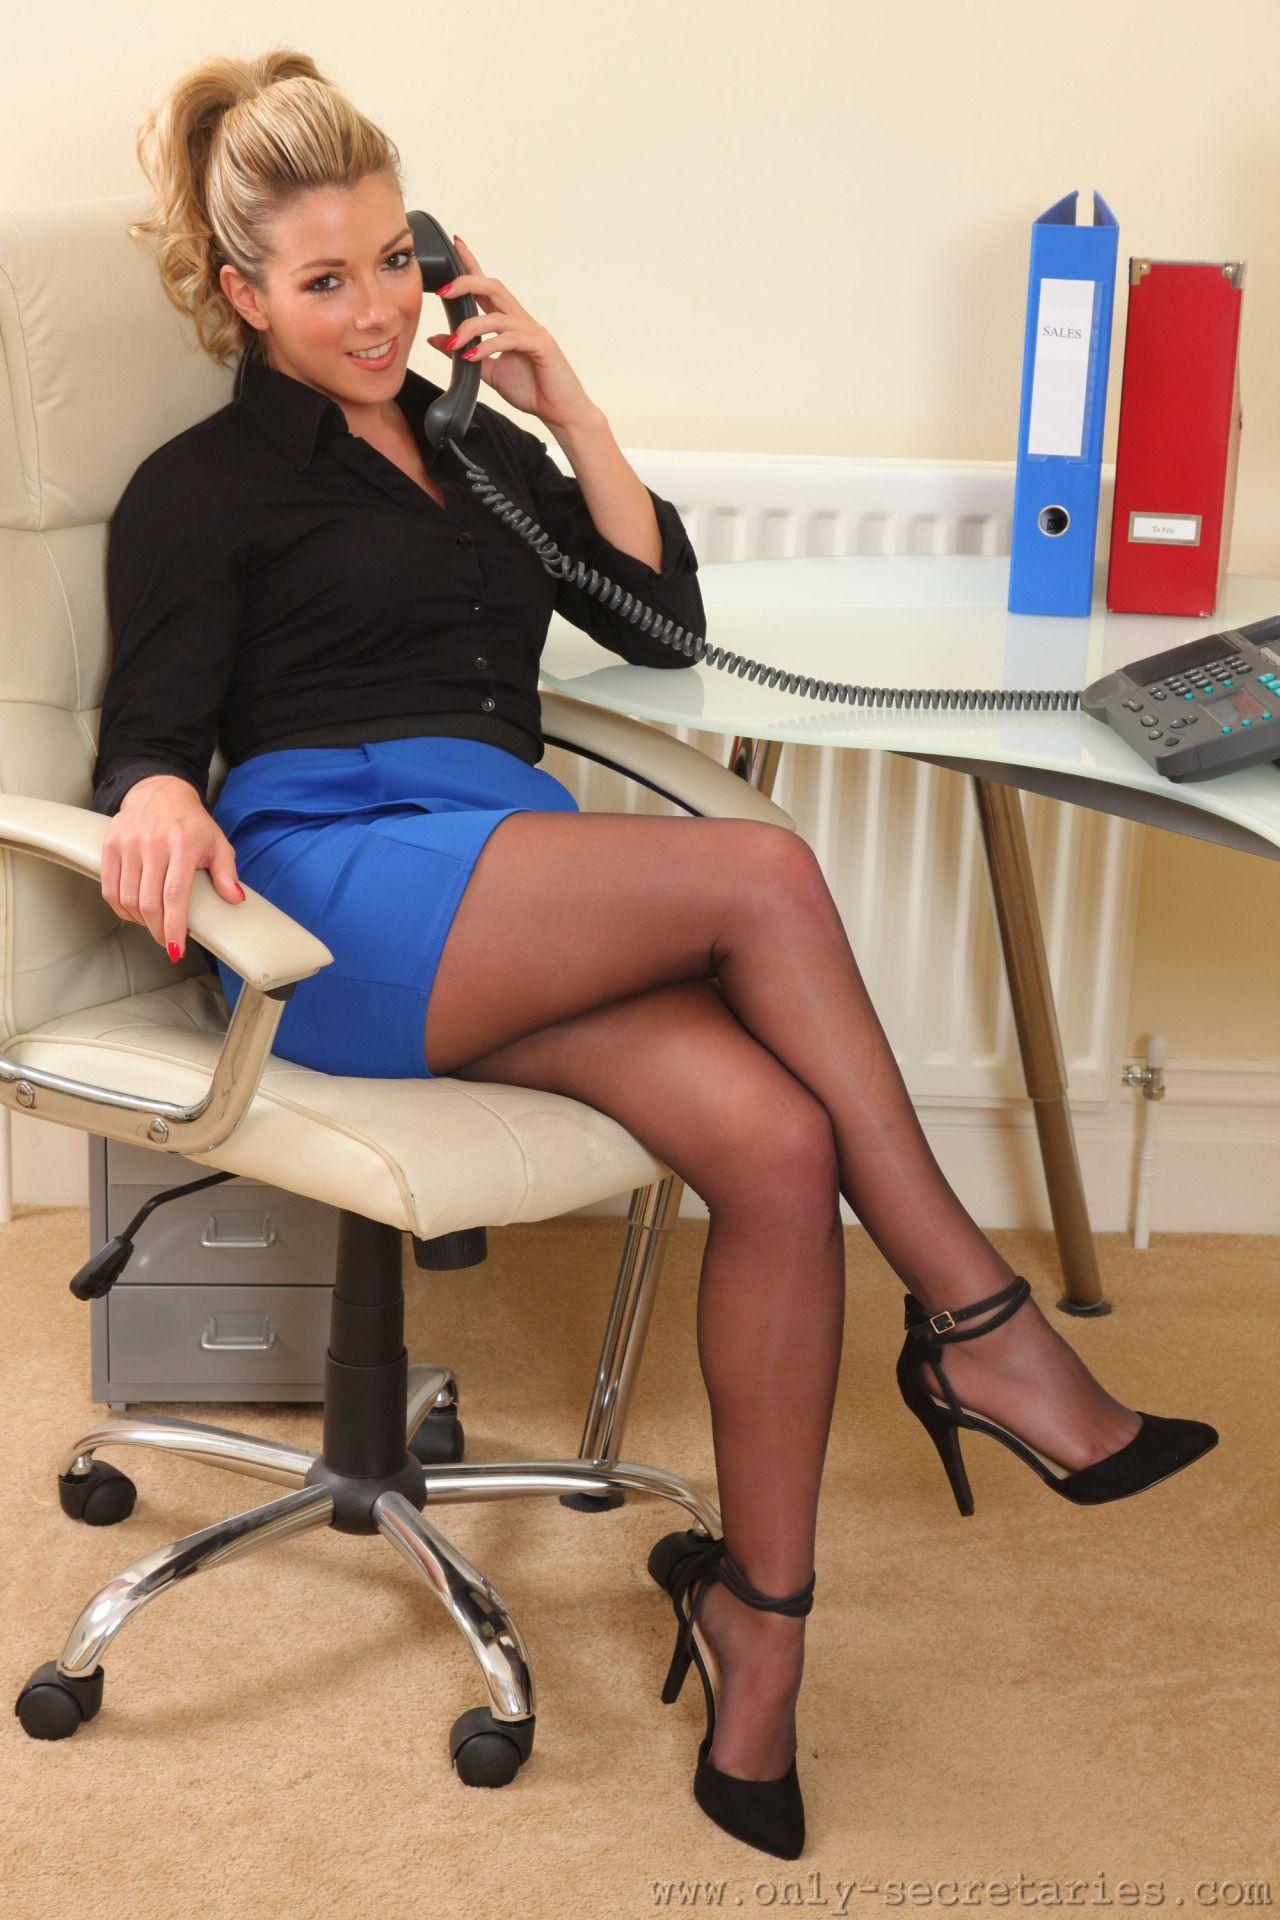 sekretær porno sex i dk